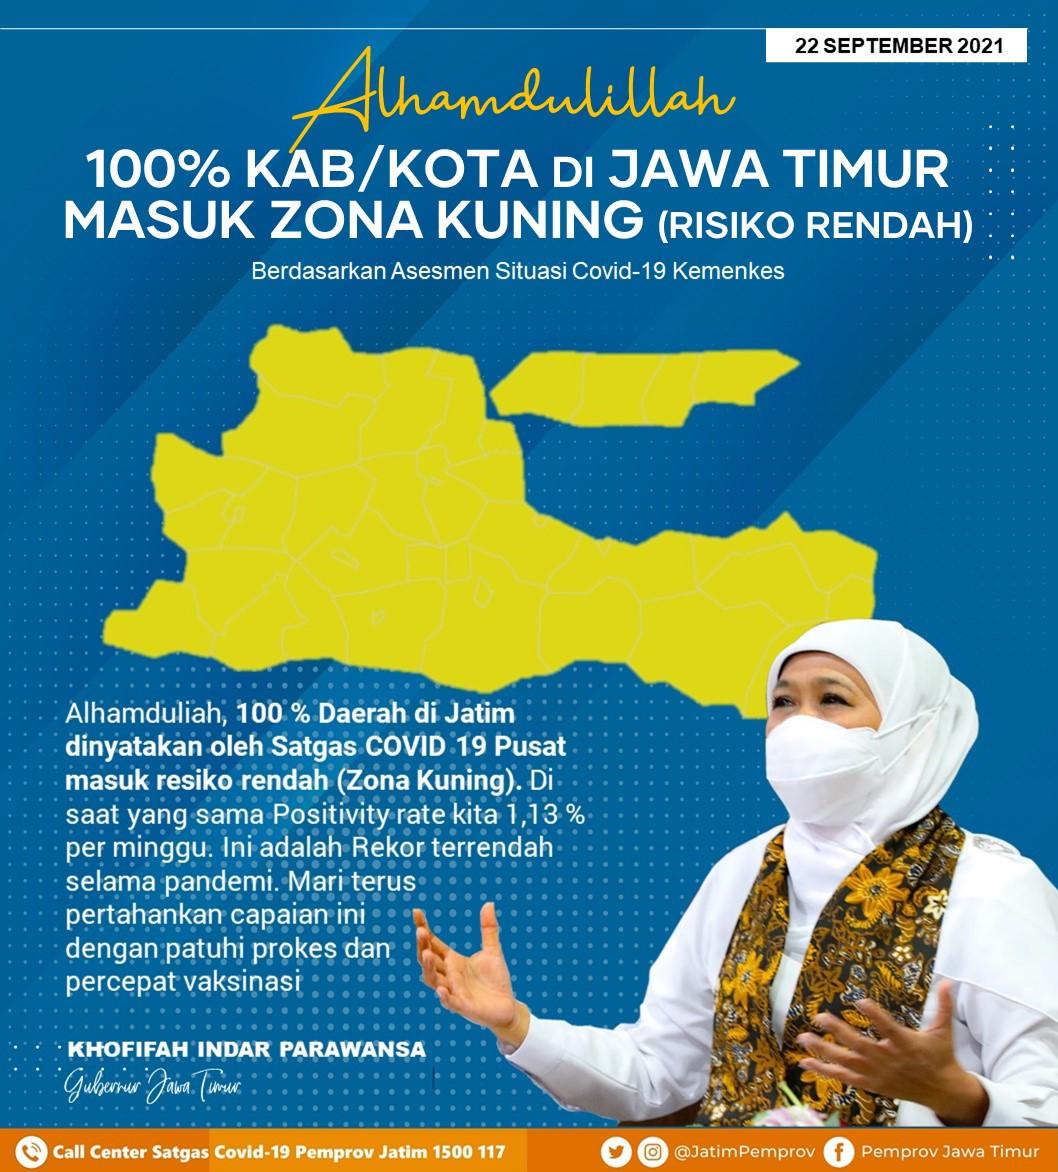 Jatim 100 Persen Zona Kuning, Khofifah : Alhamdulillah